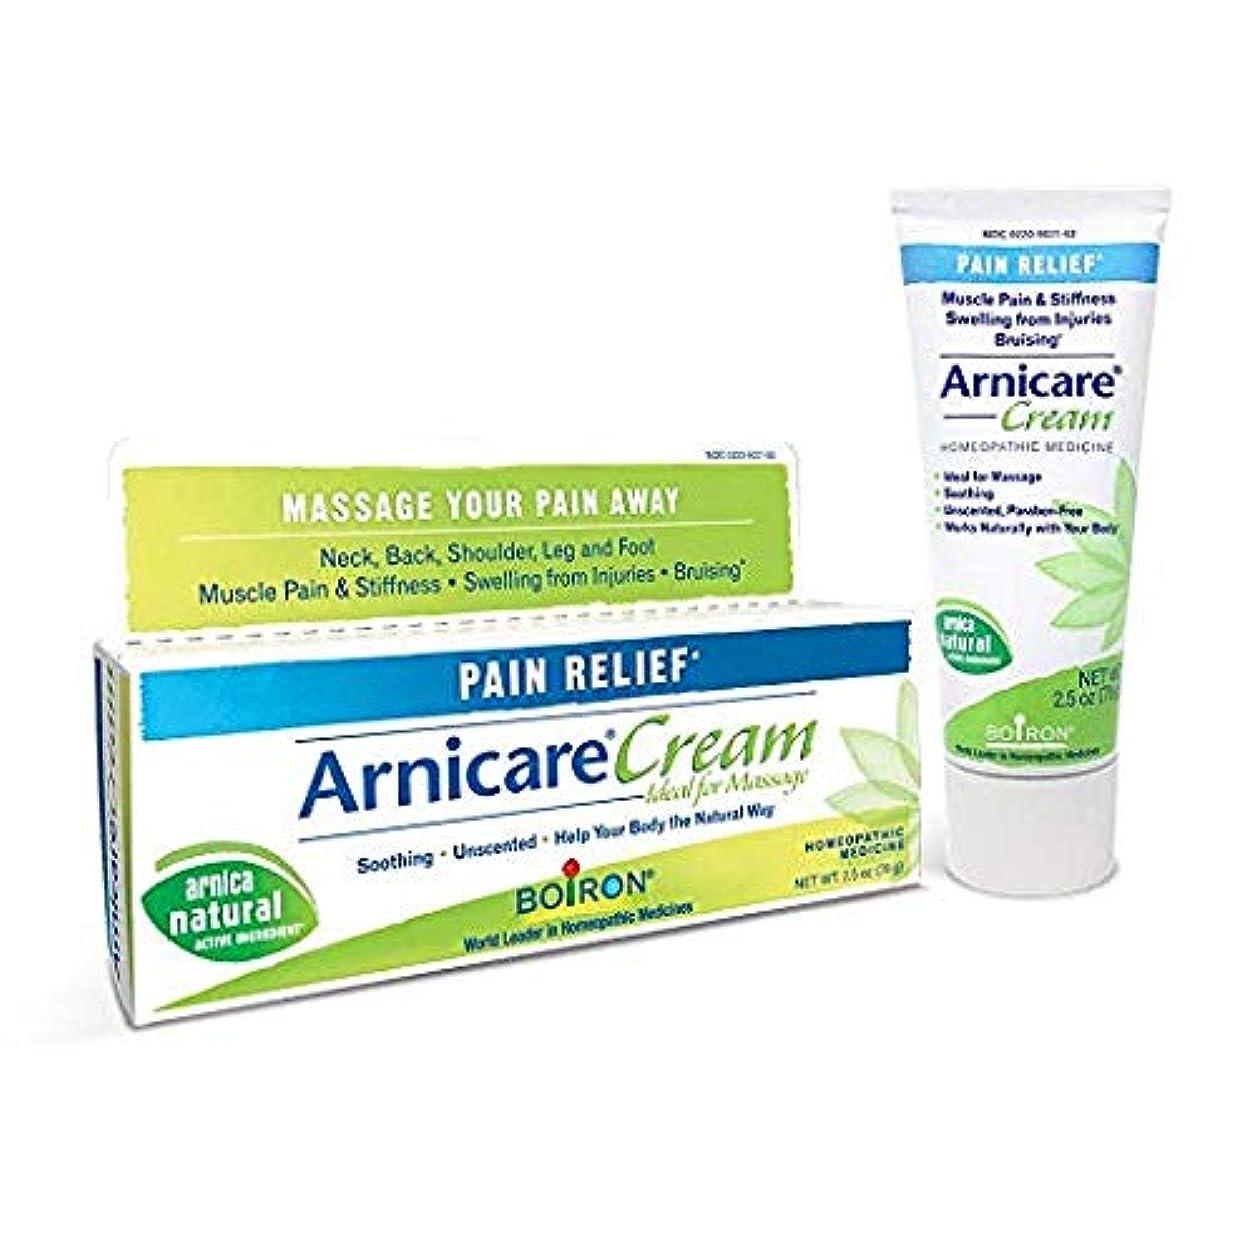 母性被る電圧ボイロン アルニカクリーム Boiron Arnicare Cream 2.5 Ounces Topical Pain Relief Cream [並行輸入品]